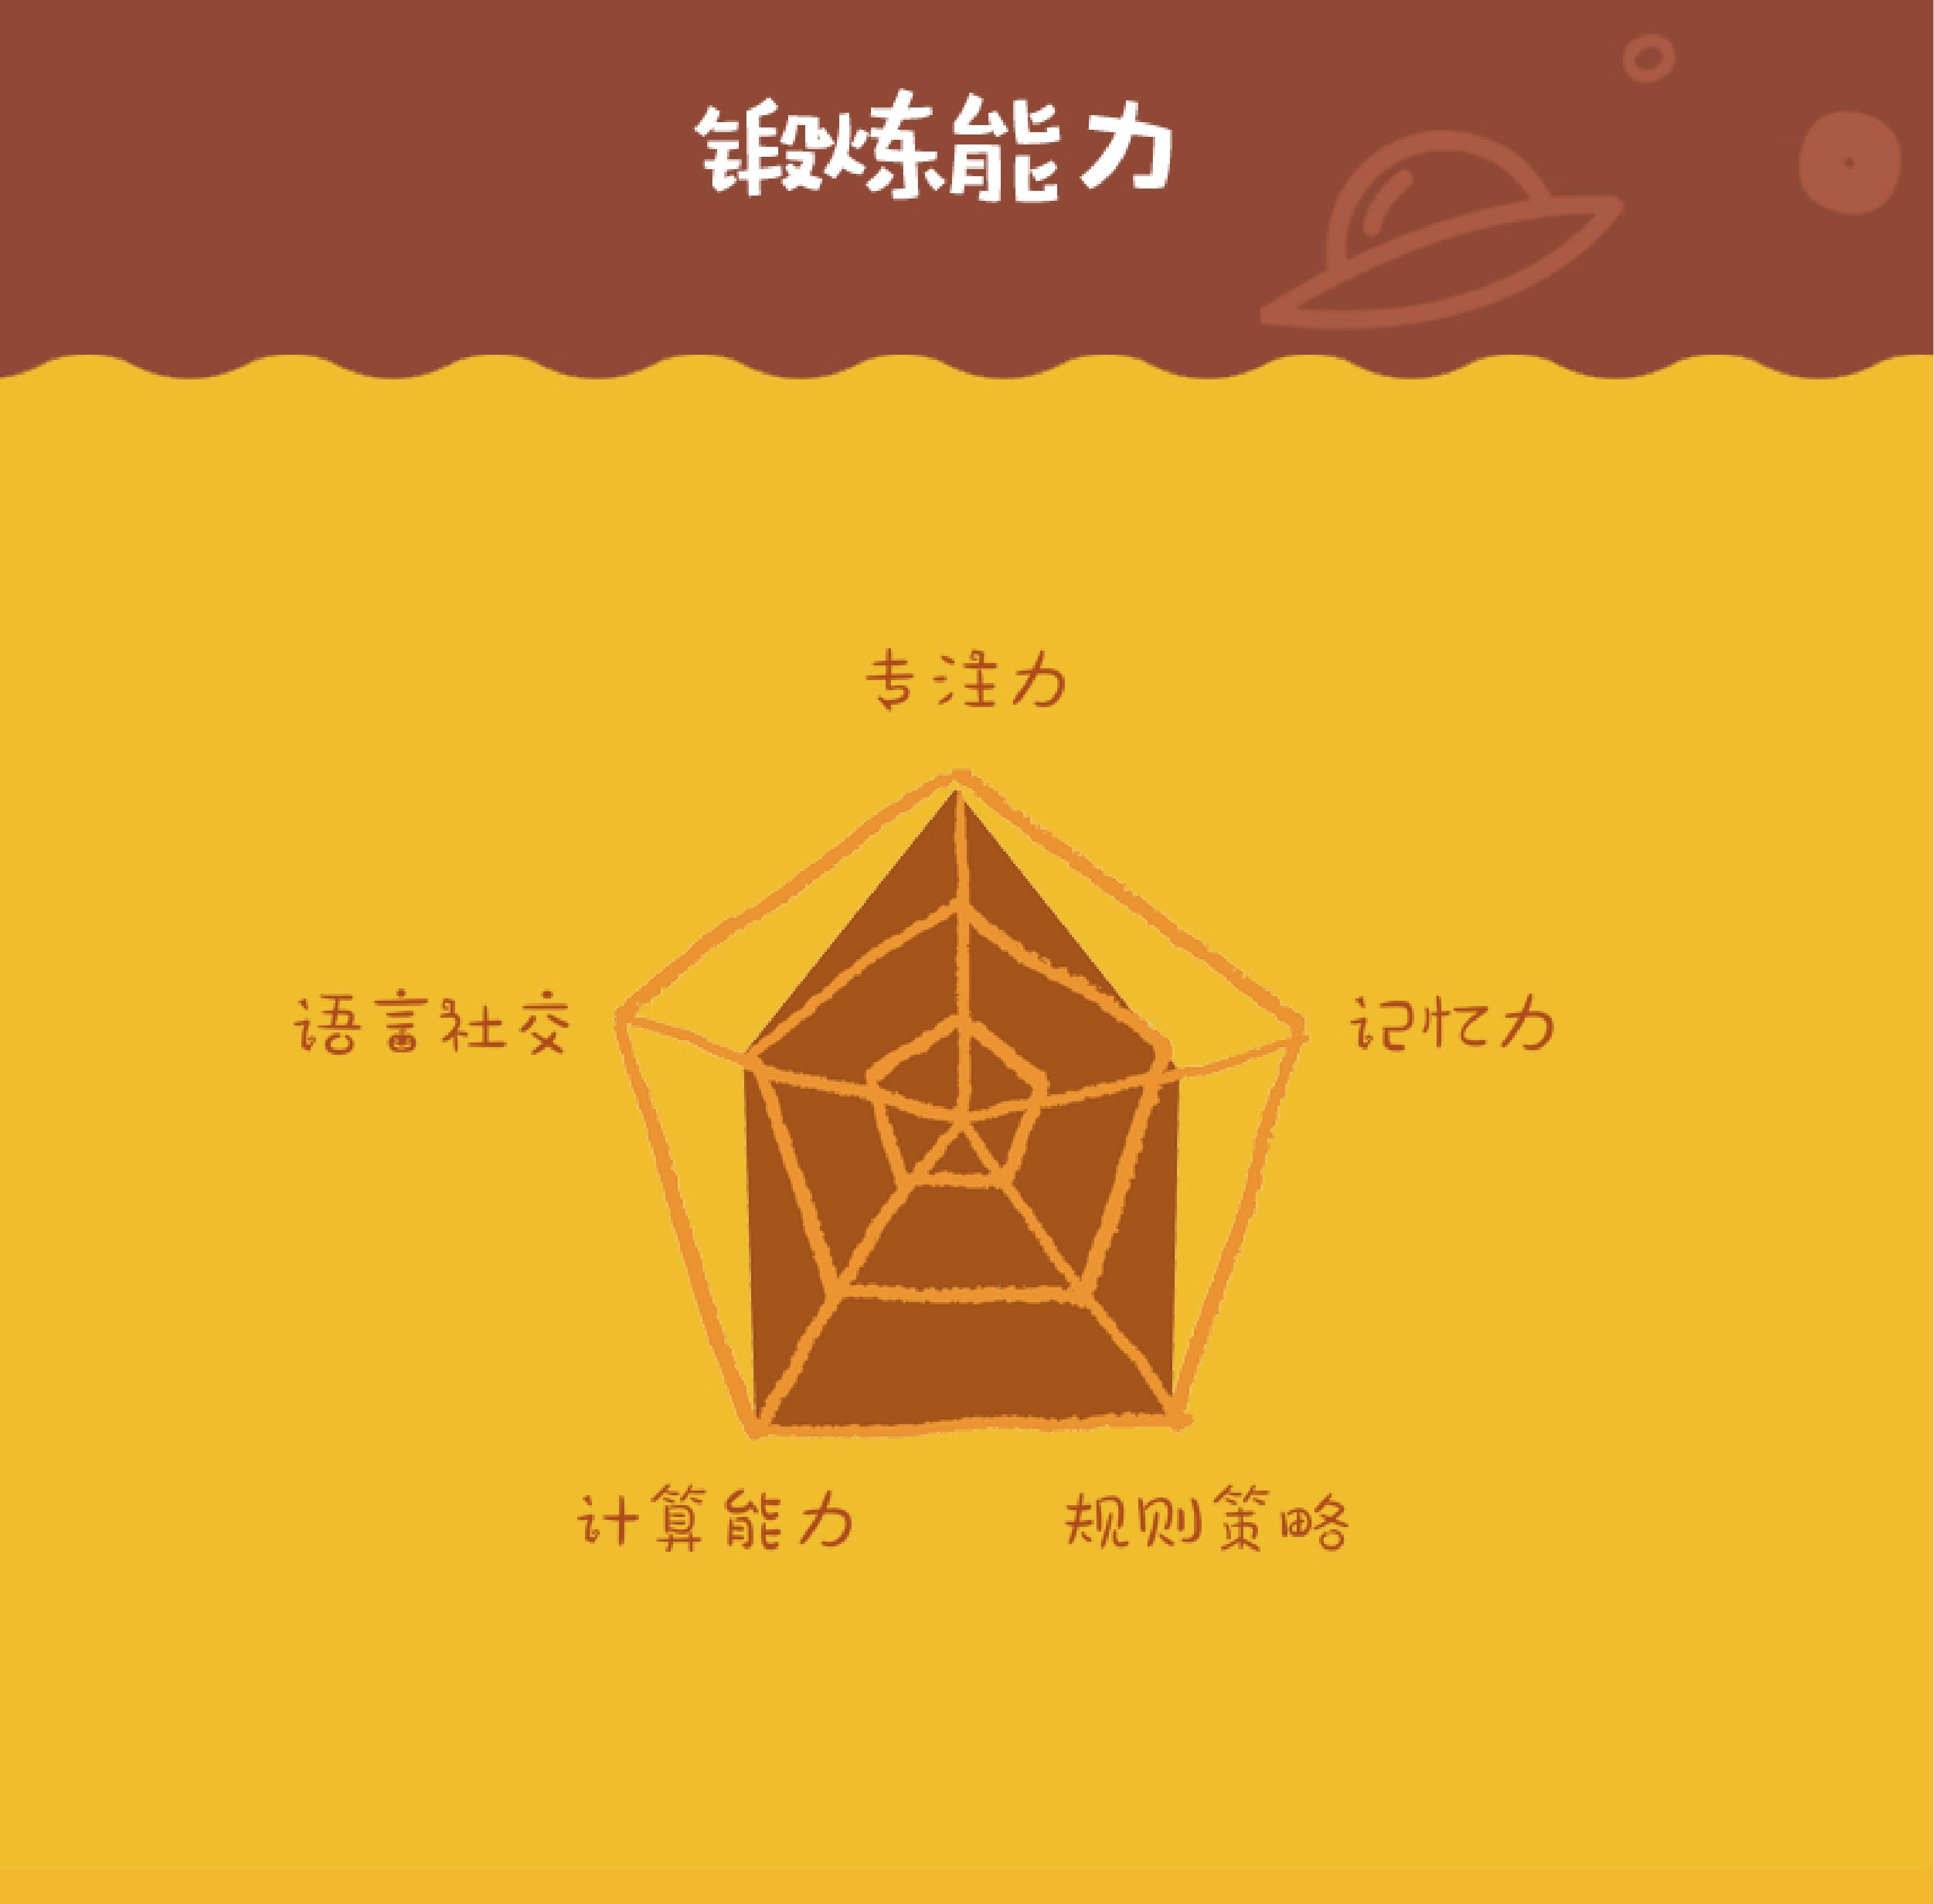 财商详情改34-14.jpg